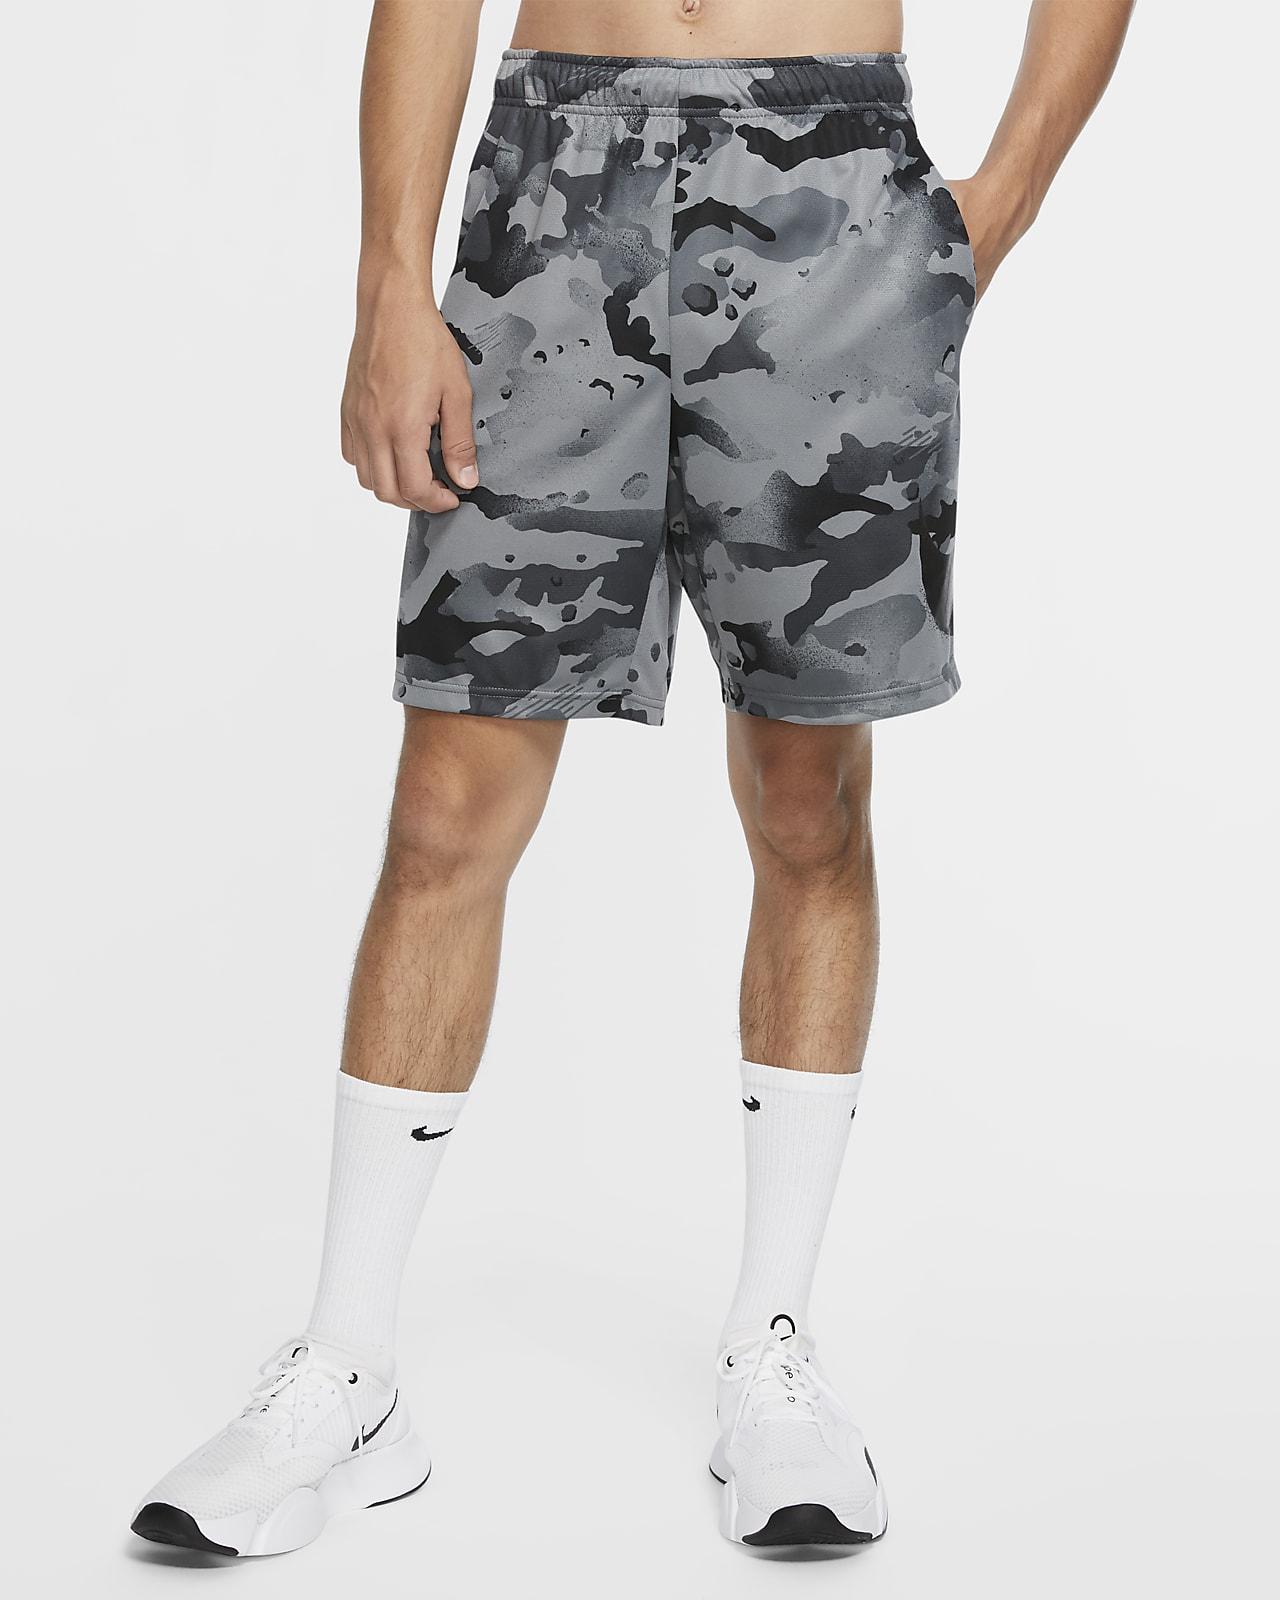 Nike Dri-FIT Pantalón corto de entrenamiento de camuflaje - Hombre